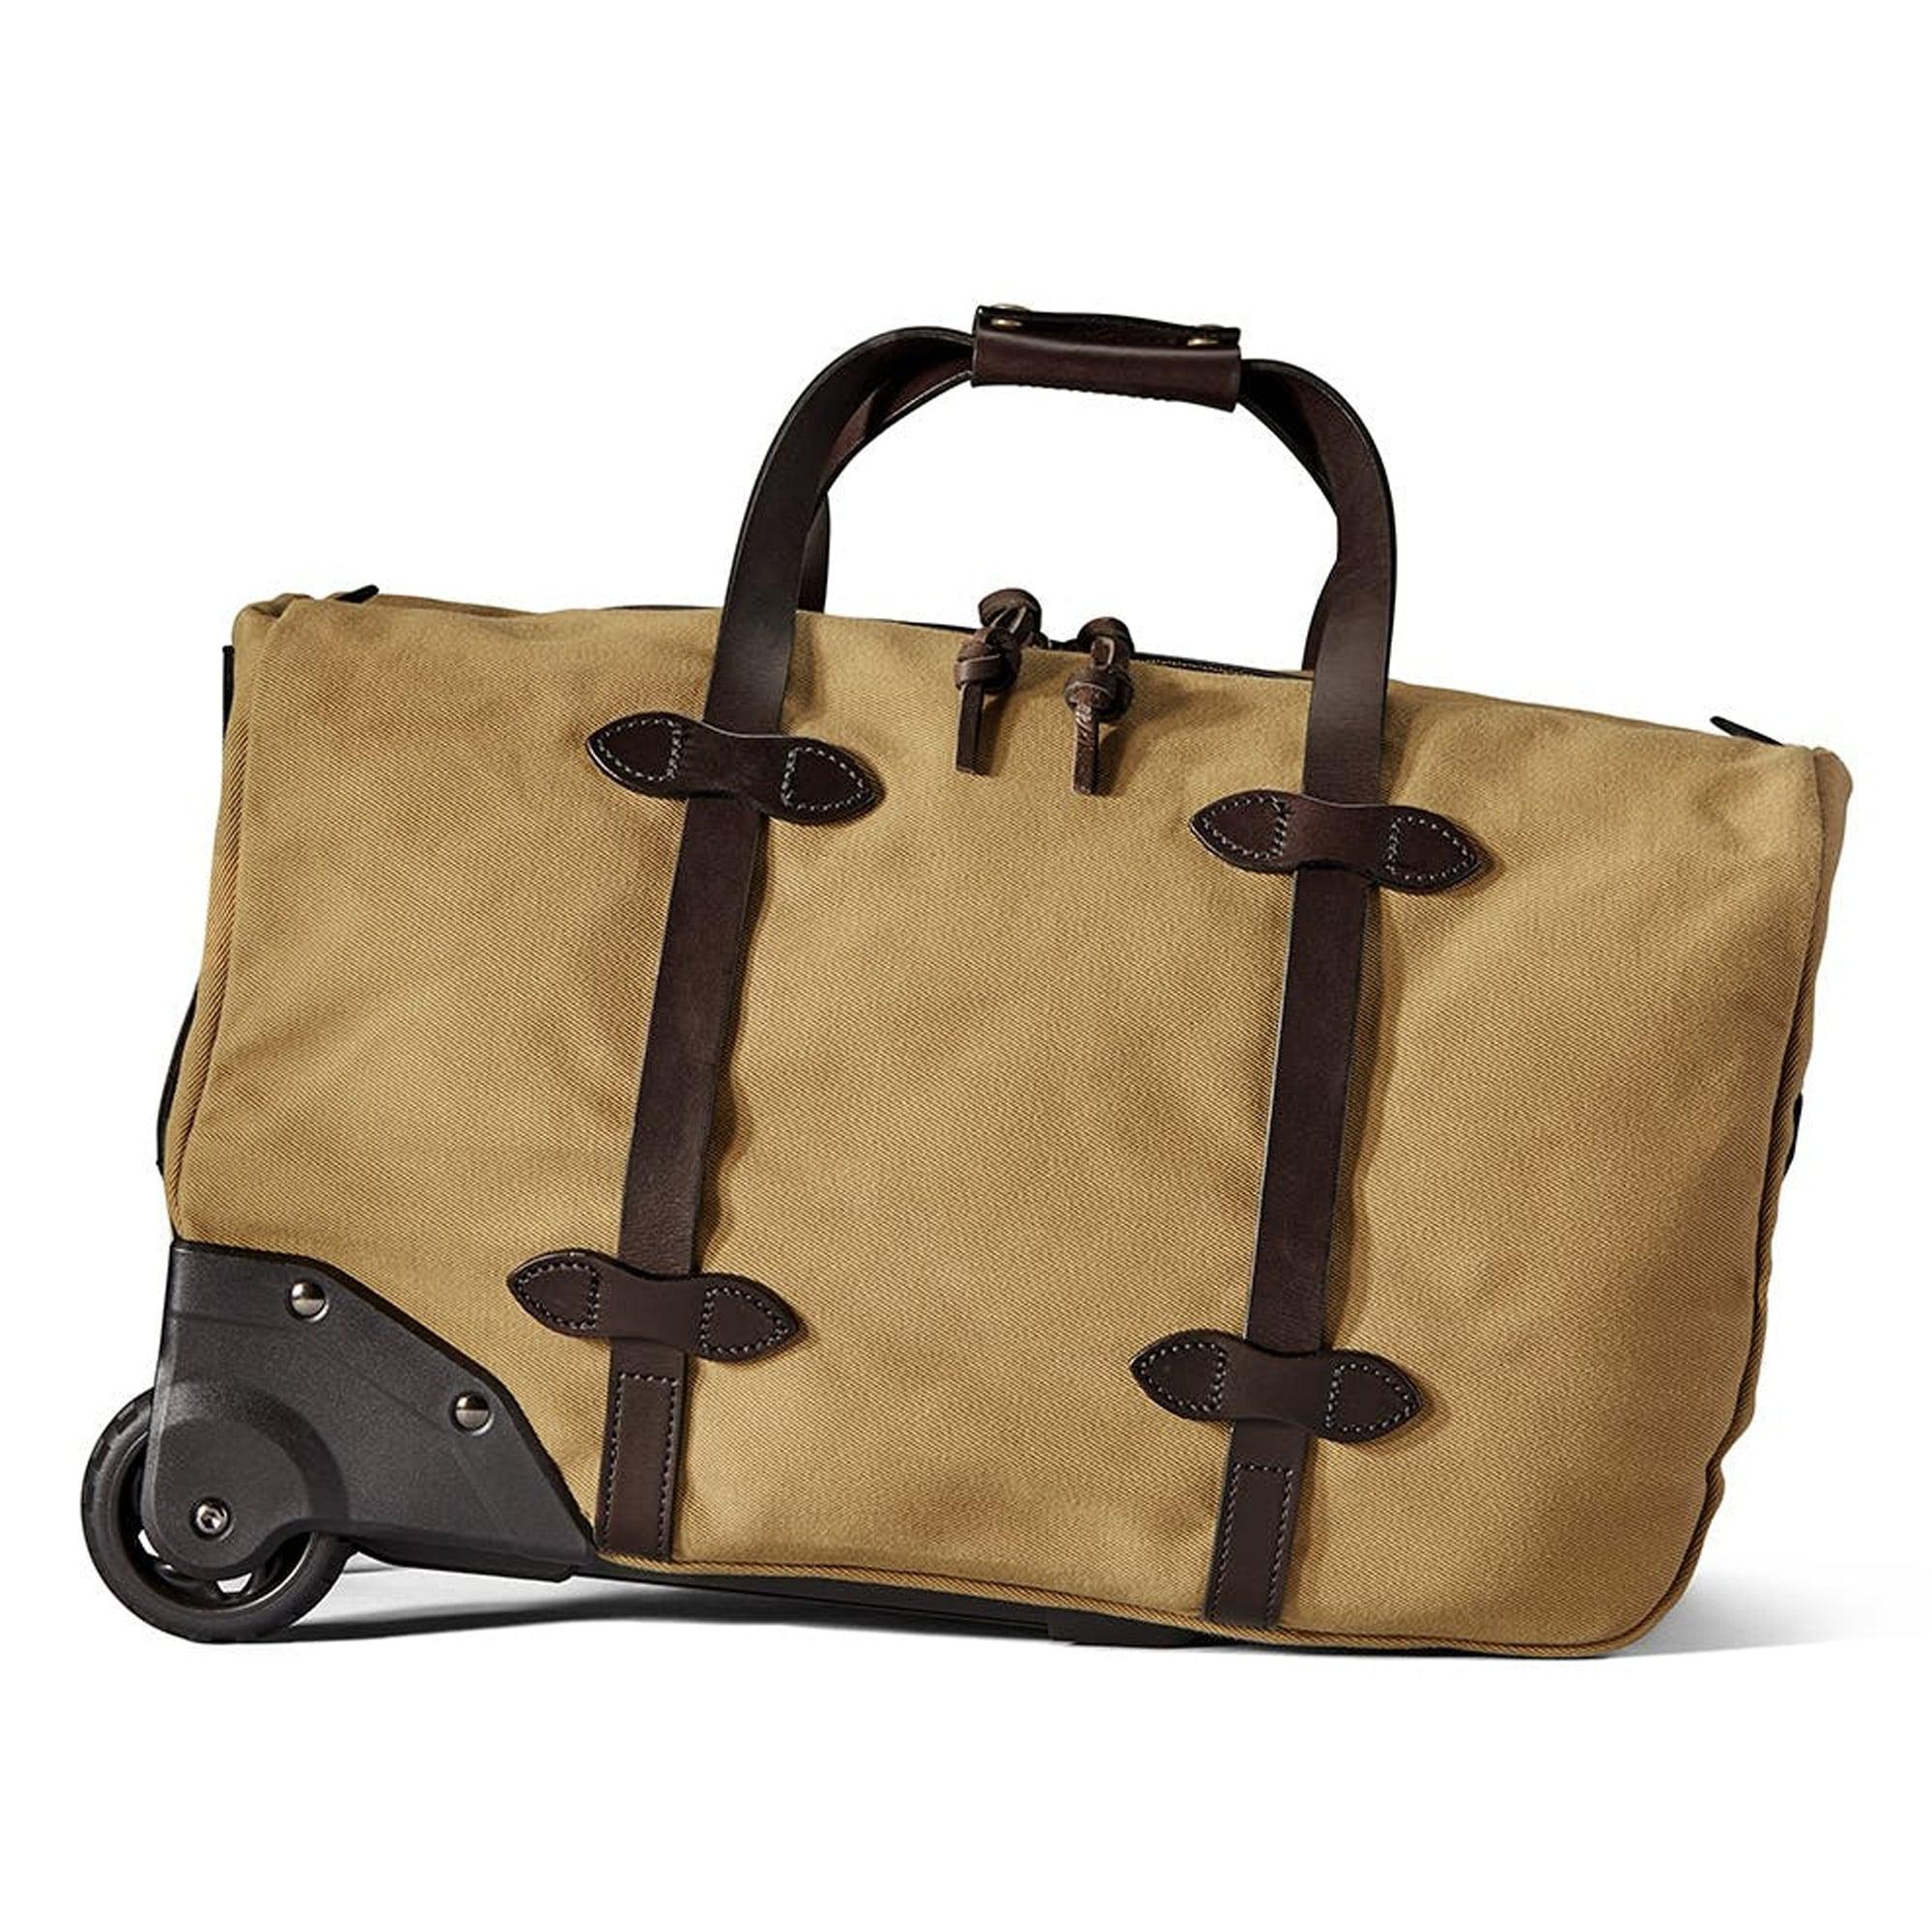 e1d3ec45ec94 Filson - Multicolor Small Rolling Duffle Bag for Men - Lyst. View fullscreen